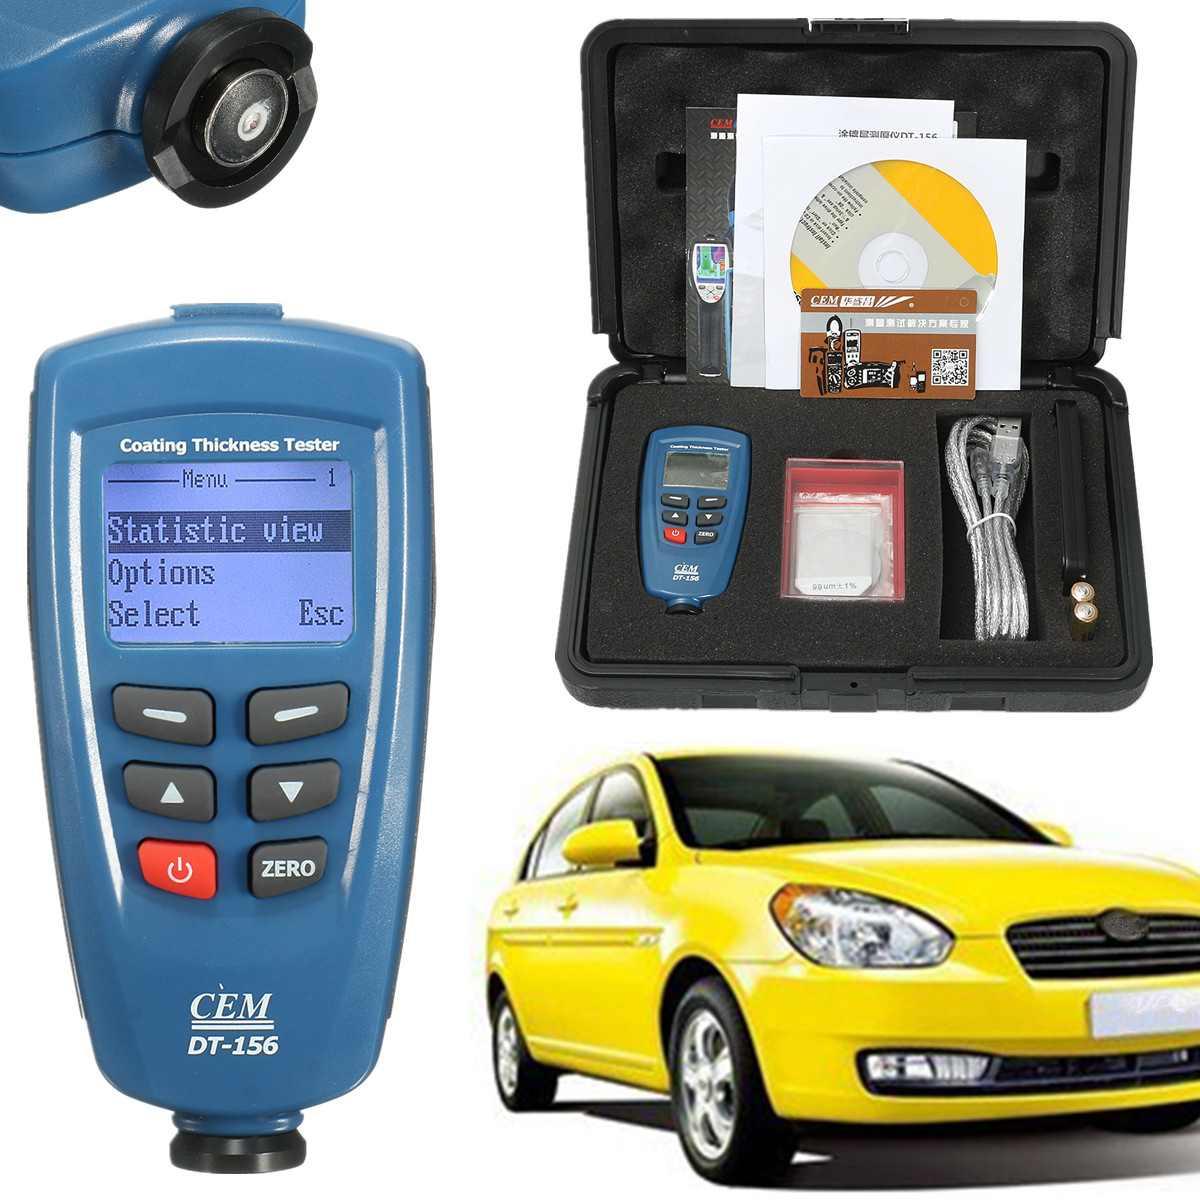 CEM DT-156 Digital Pintura da Espessura de Revestimento Medidor Tester 0 ~ 1250um com Embutido Auto F & NF Probe + cabo USB + CD software